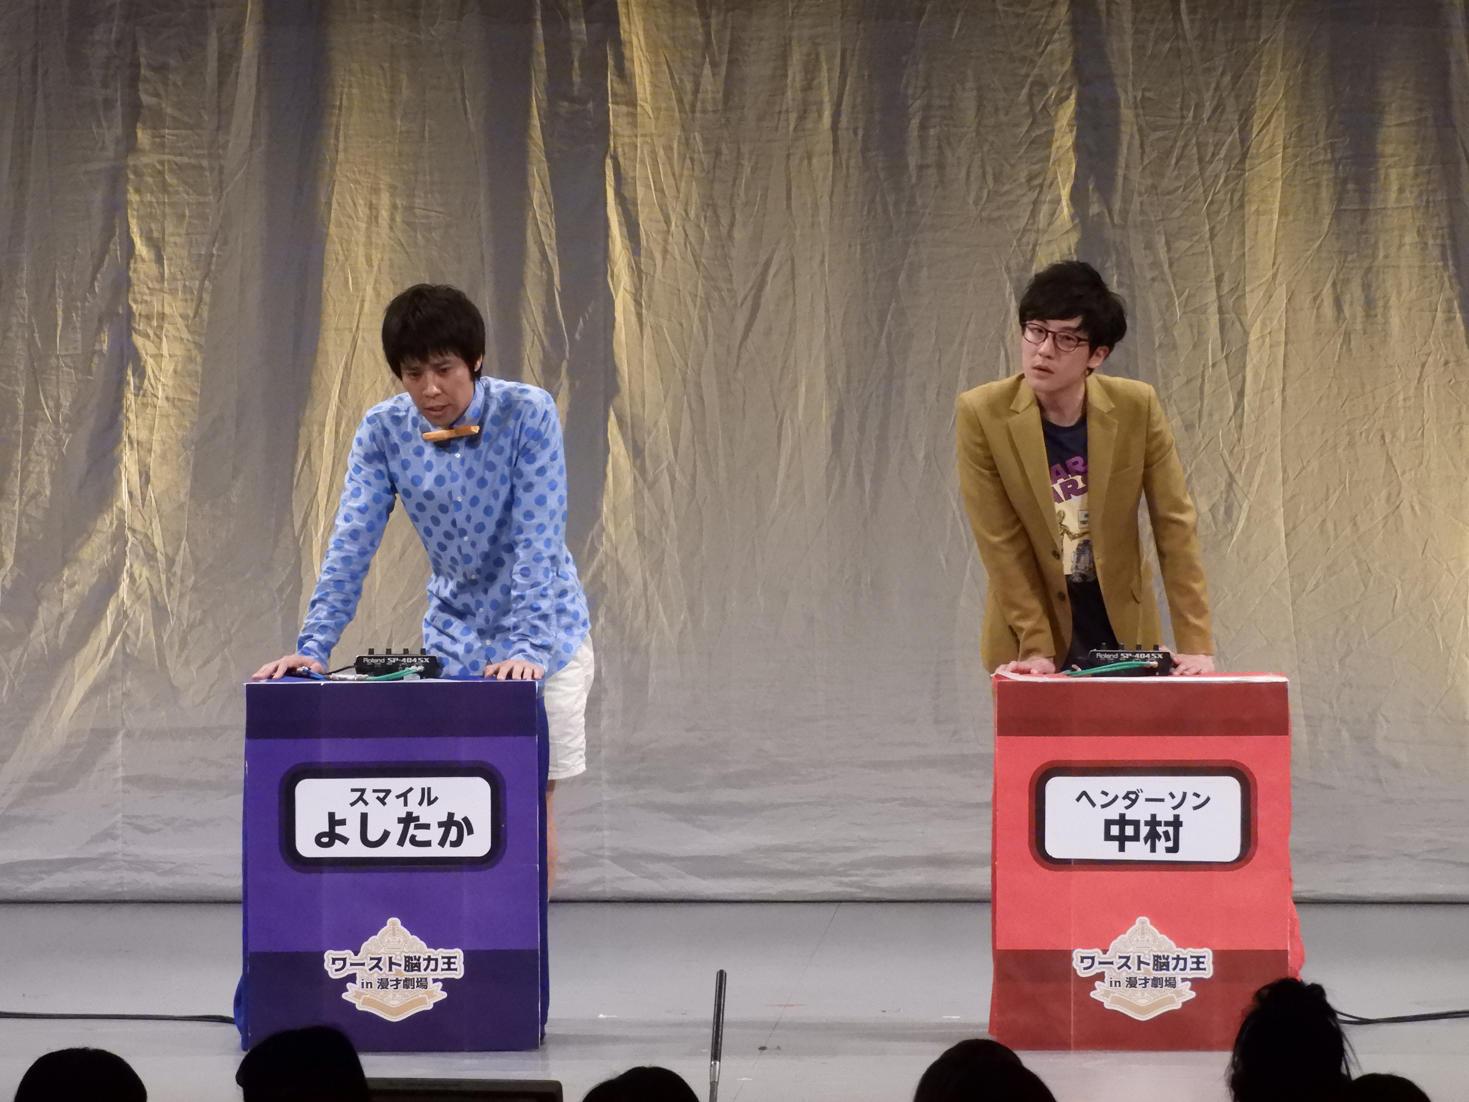 http://news.yoshimoto.co.jp/20180406112532-e68b3a27a0b23b69ca56089e2c88b5451faeaac8.jpg